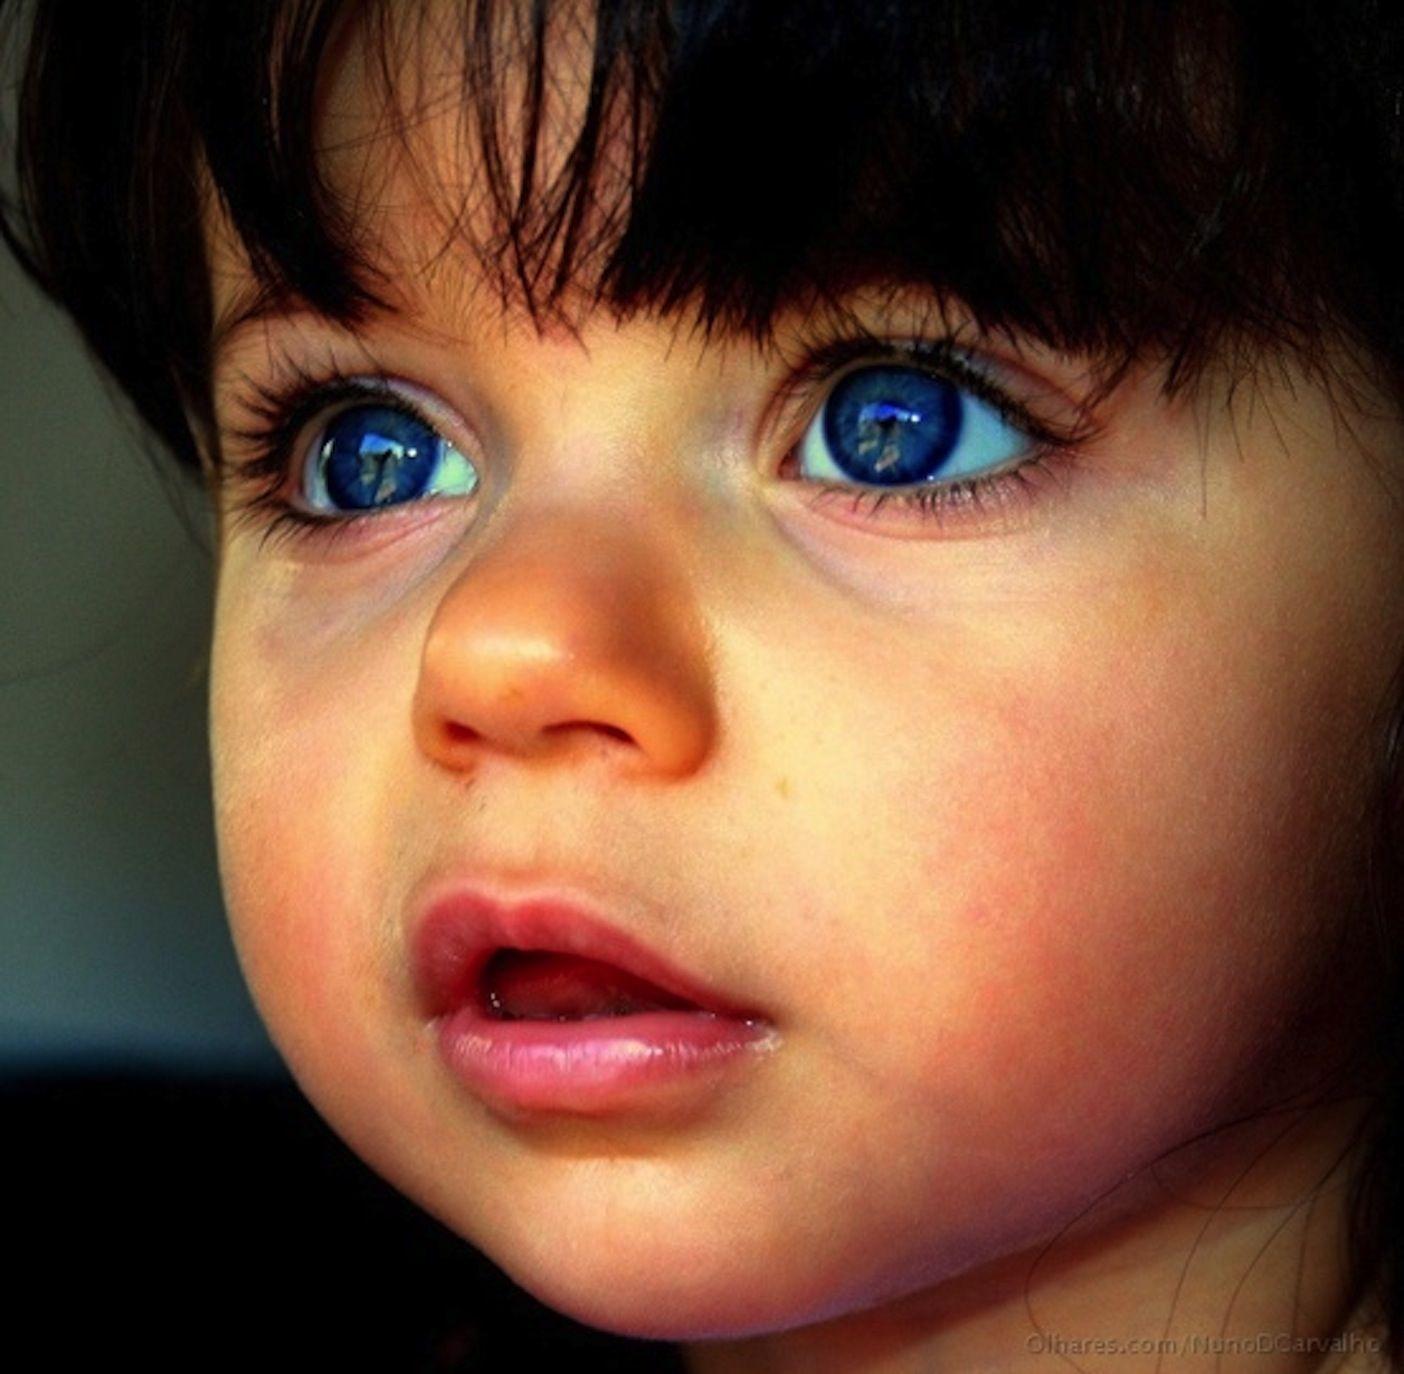 Большие глаза у ребенка фото